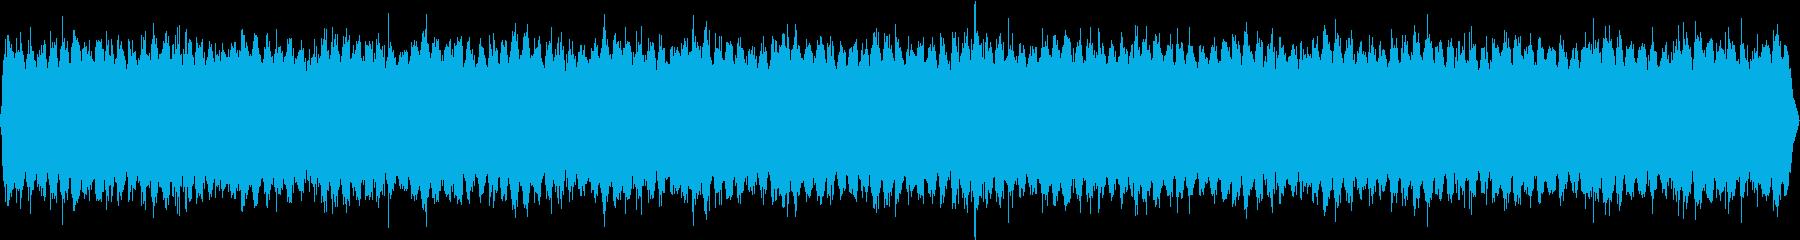 睡眠ヒーリング作業瞑想BGMの再生済みの波形